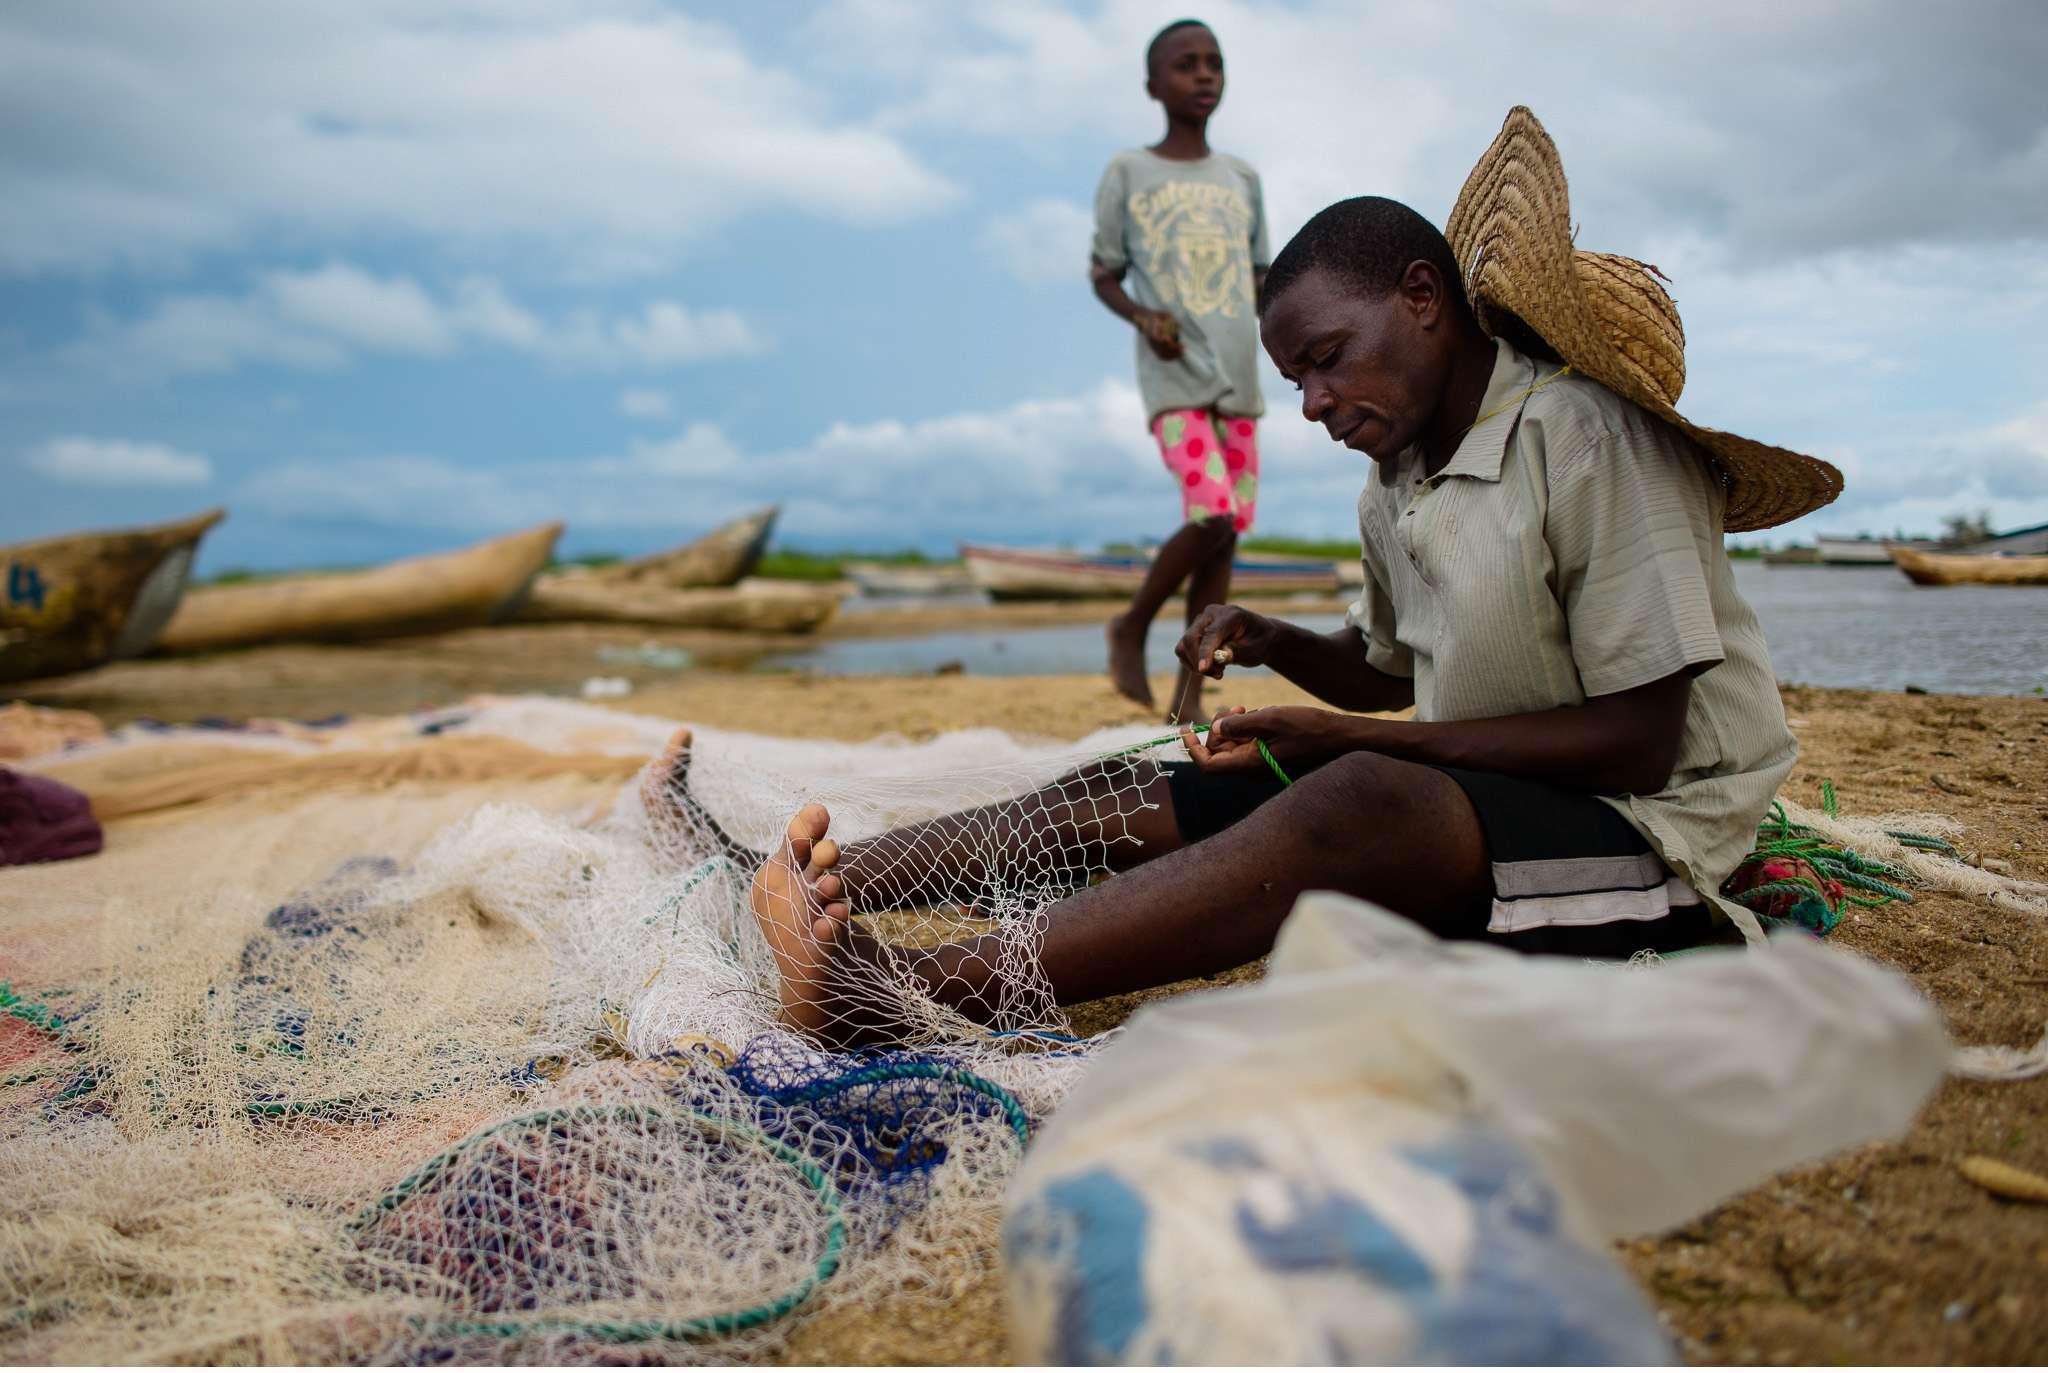 Malawi-Quer durch Afrika- Geschichten von unterwegs by Marion and Daniel-82